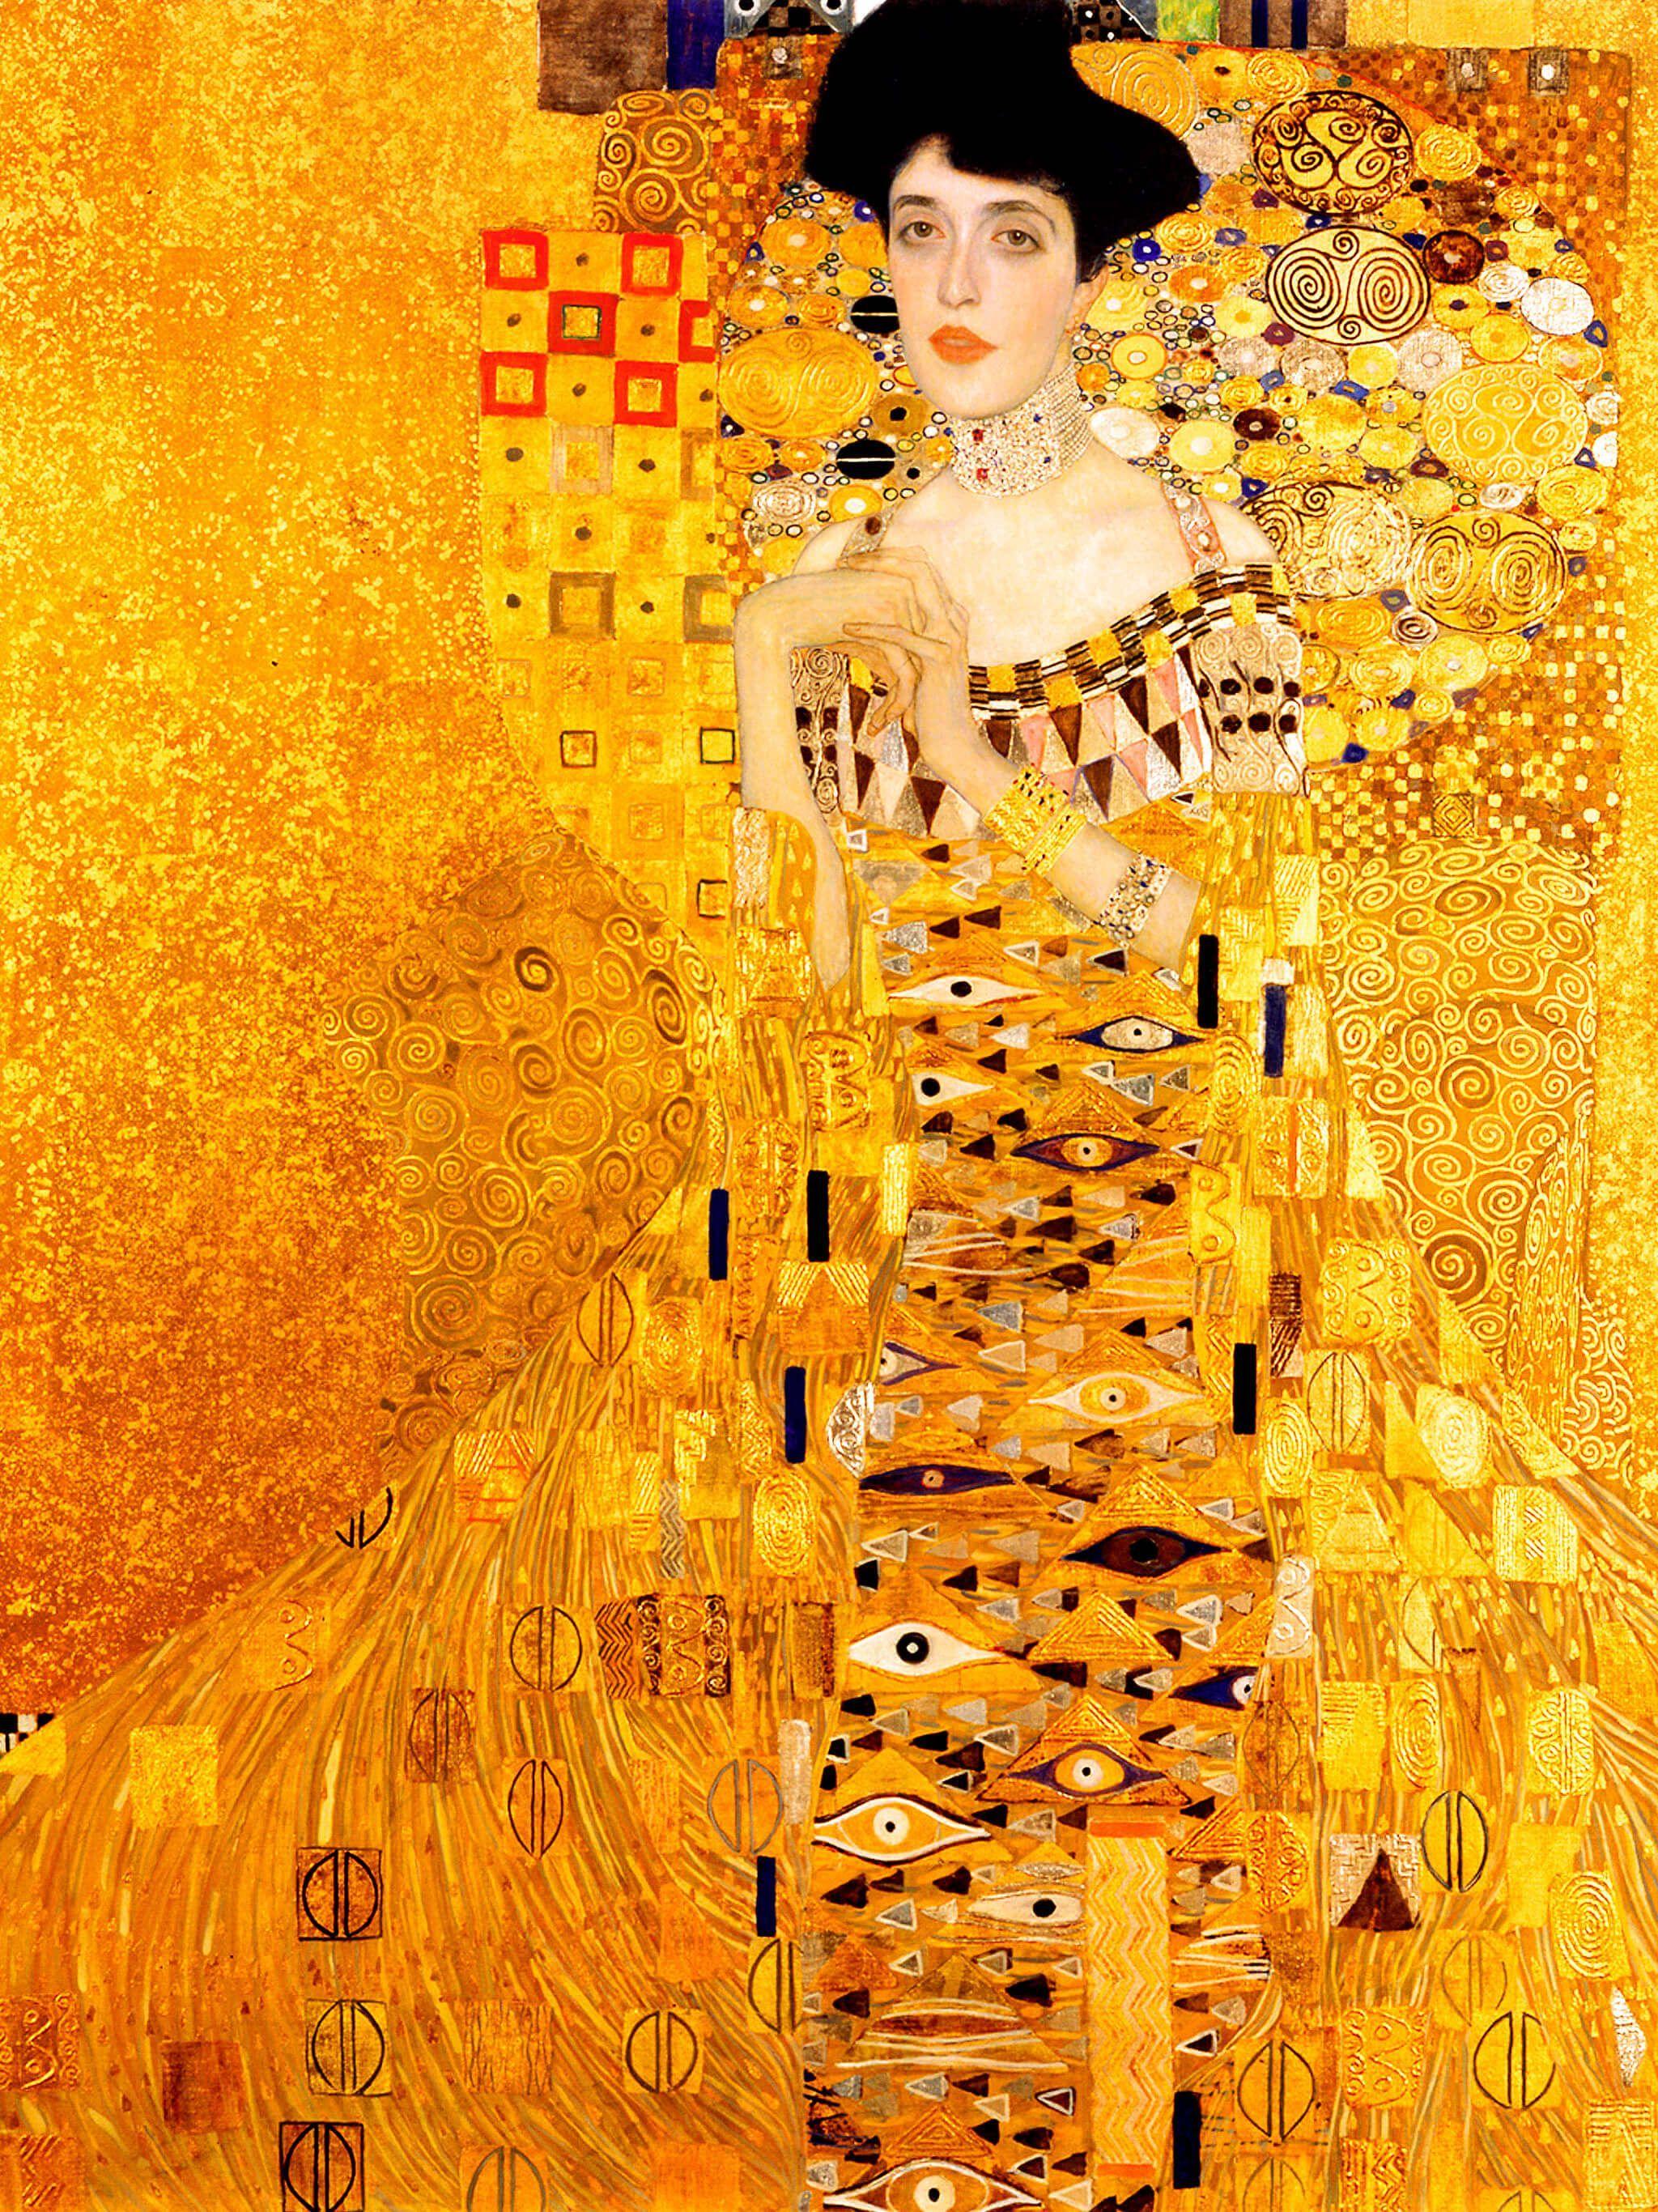 グスタフ クリムト Gustav Klimt Portrait Of Adele Bloch Bauer I 2048x Https Me Pin Autos Com E3 82 B0 E3 82 B9 E3 82 Bf In 2020 Klimt Jugendstil Kunst Pastell Malerei